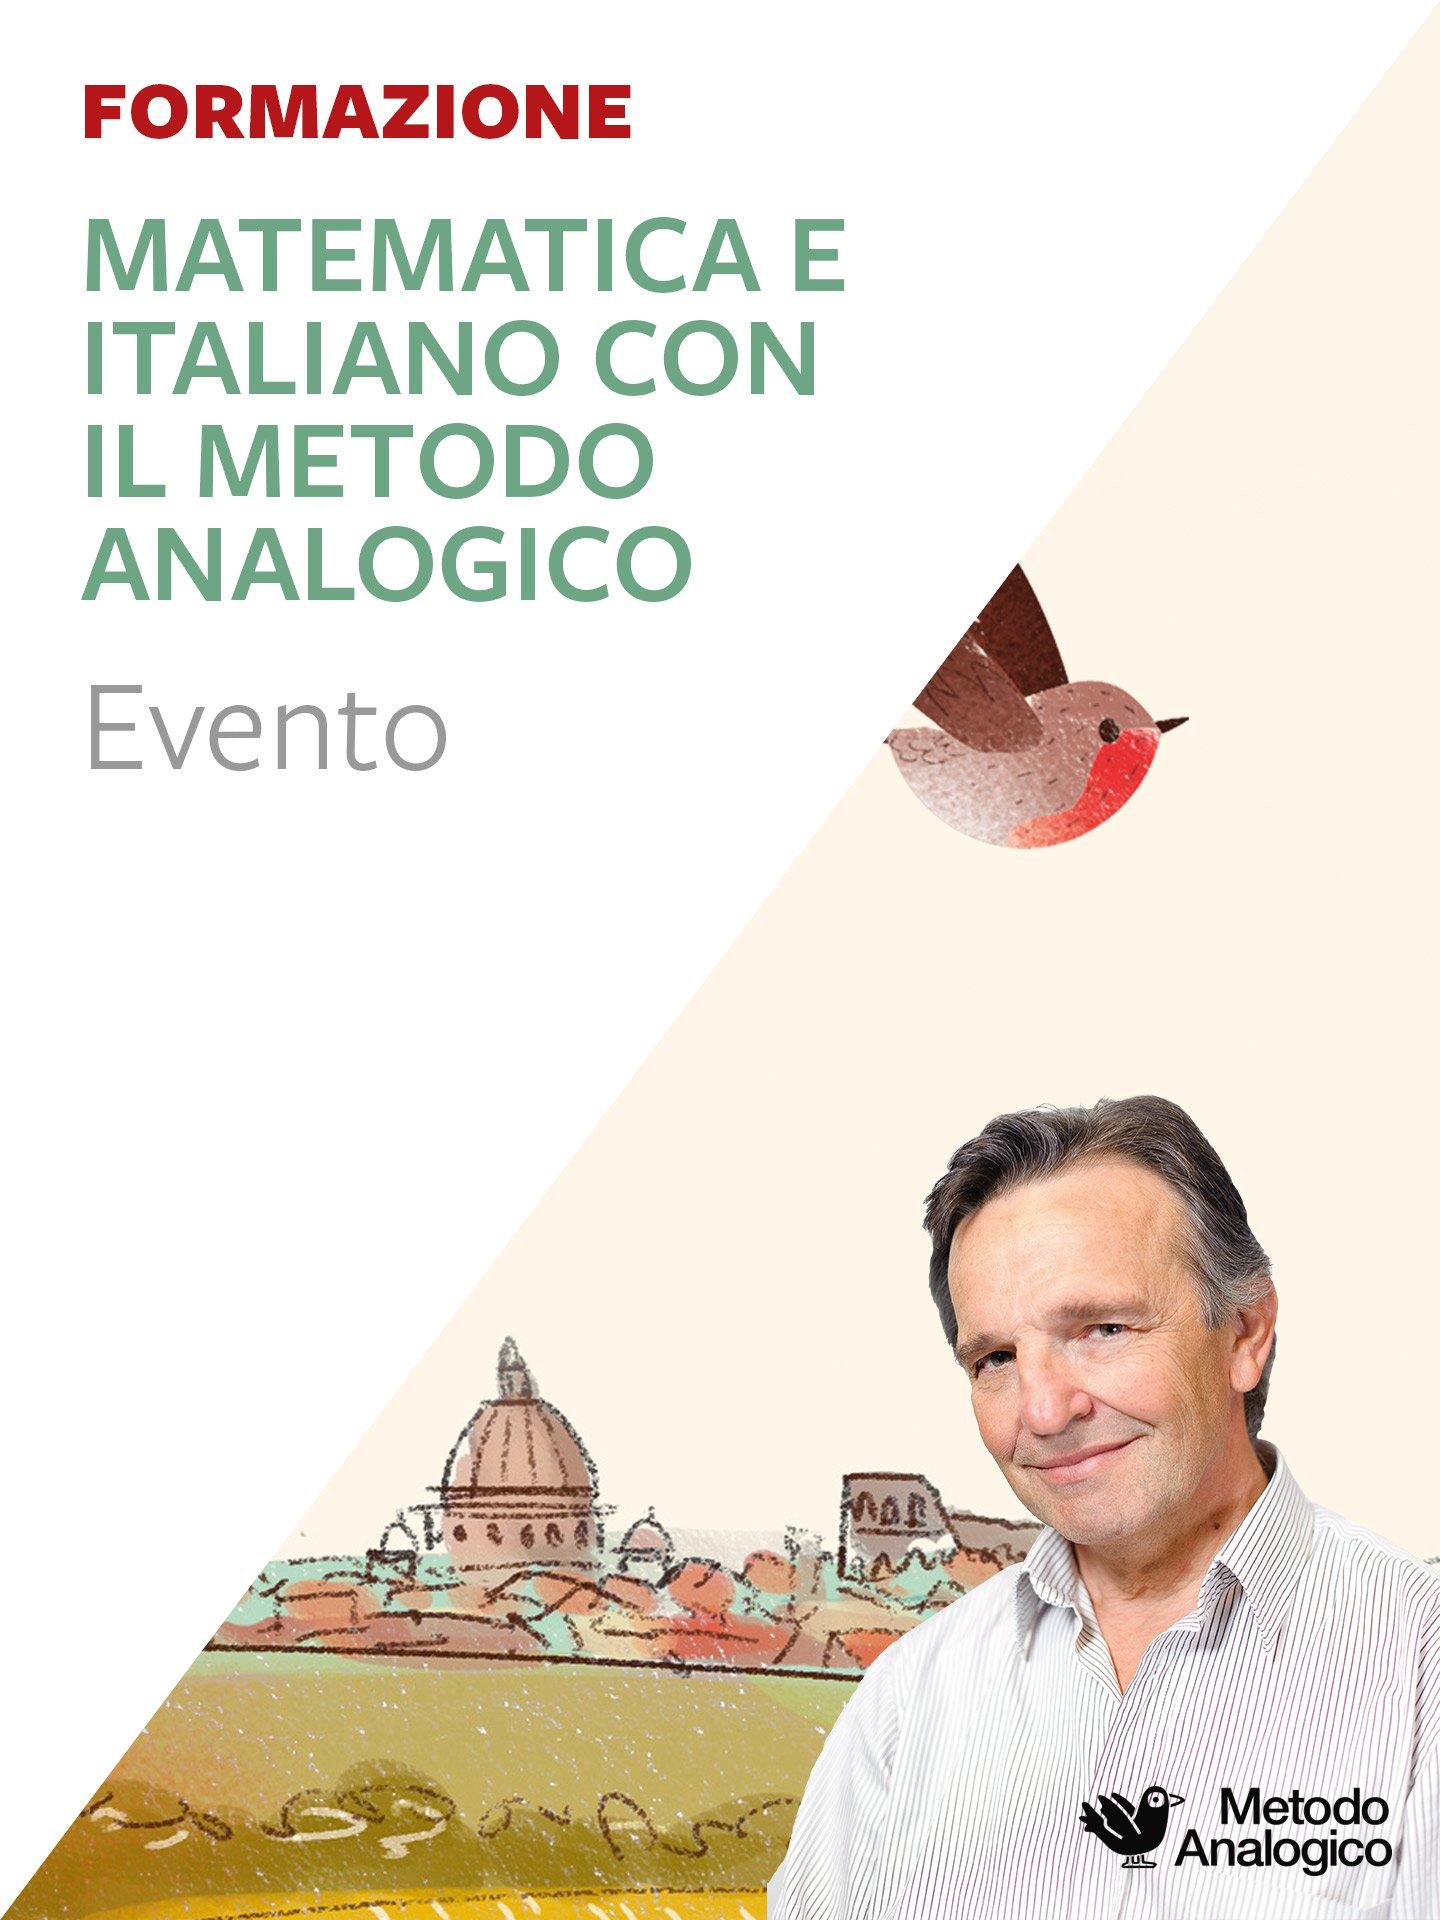 Matematica e italiano con il metodo analogico - Roma - Metodo Analogico Formazione - Erickson